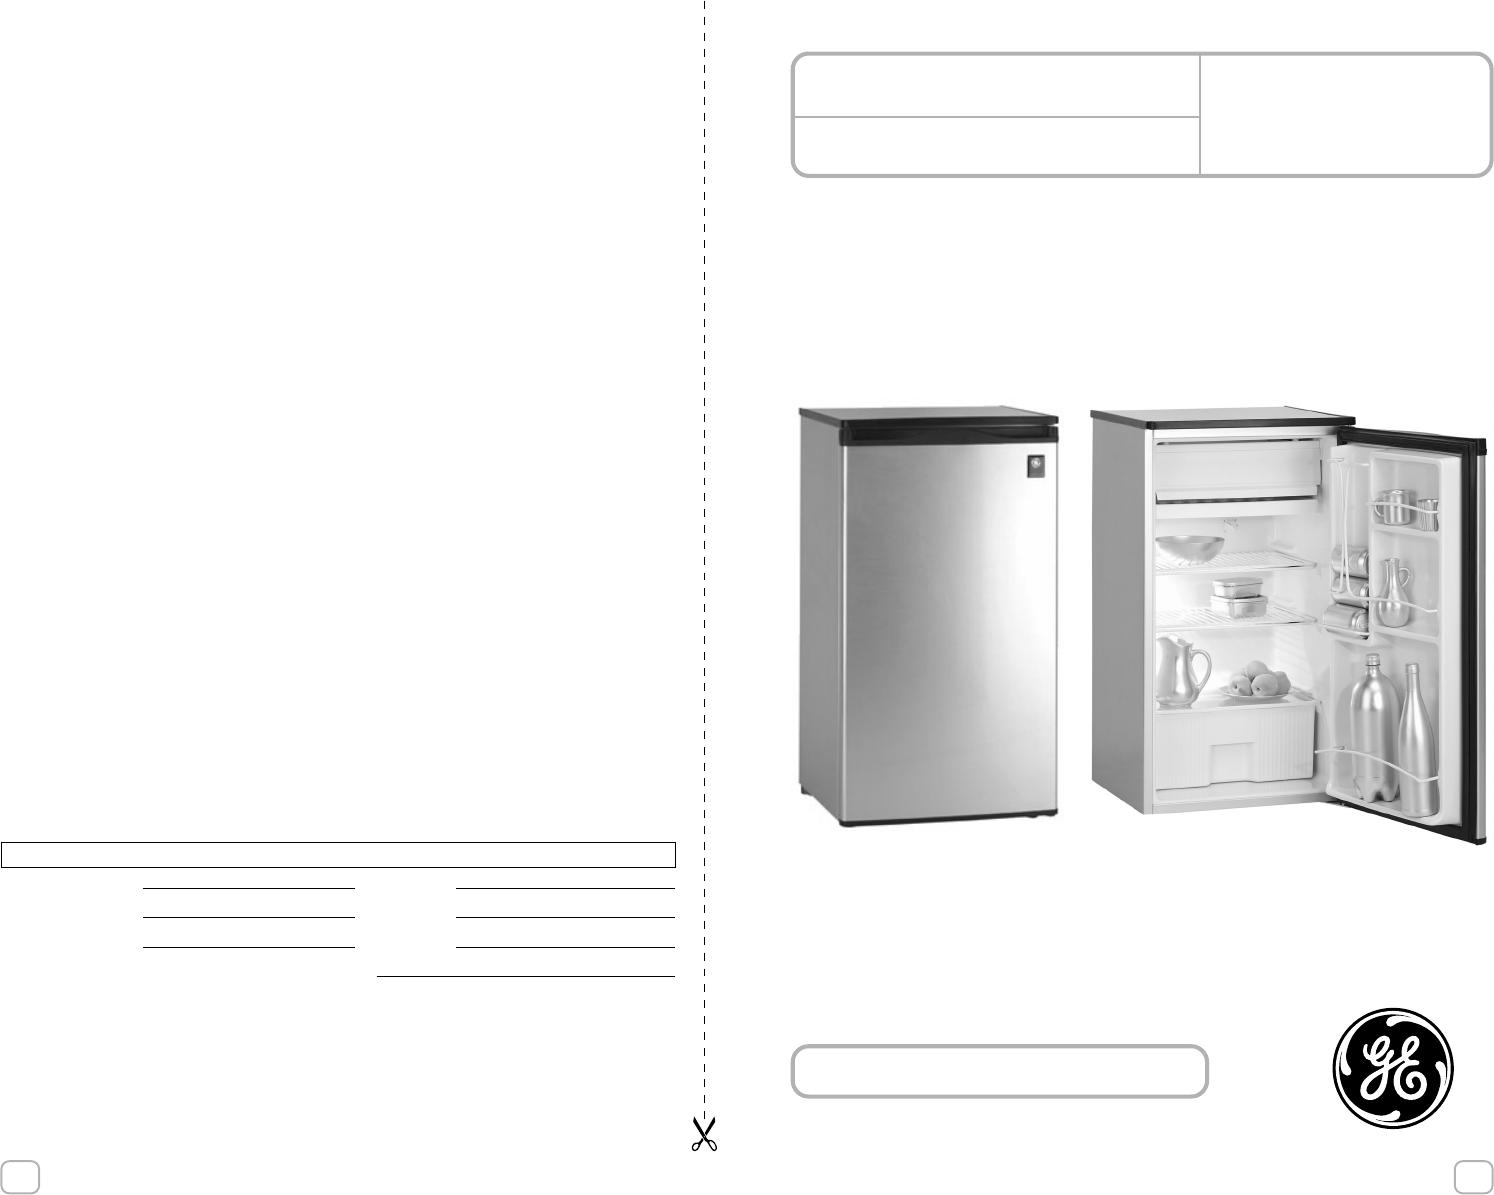 GE kjøleskap dating populære dating Apps på iPhone